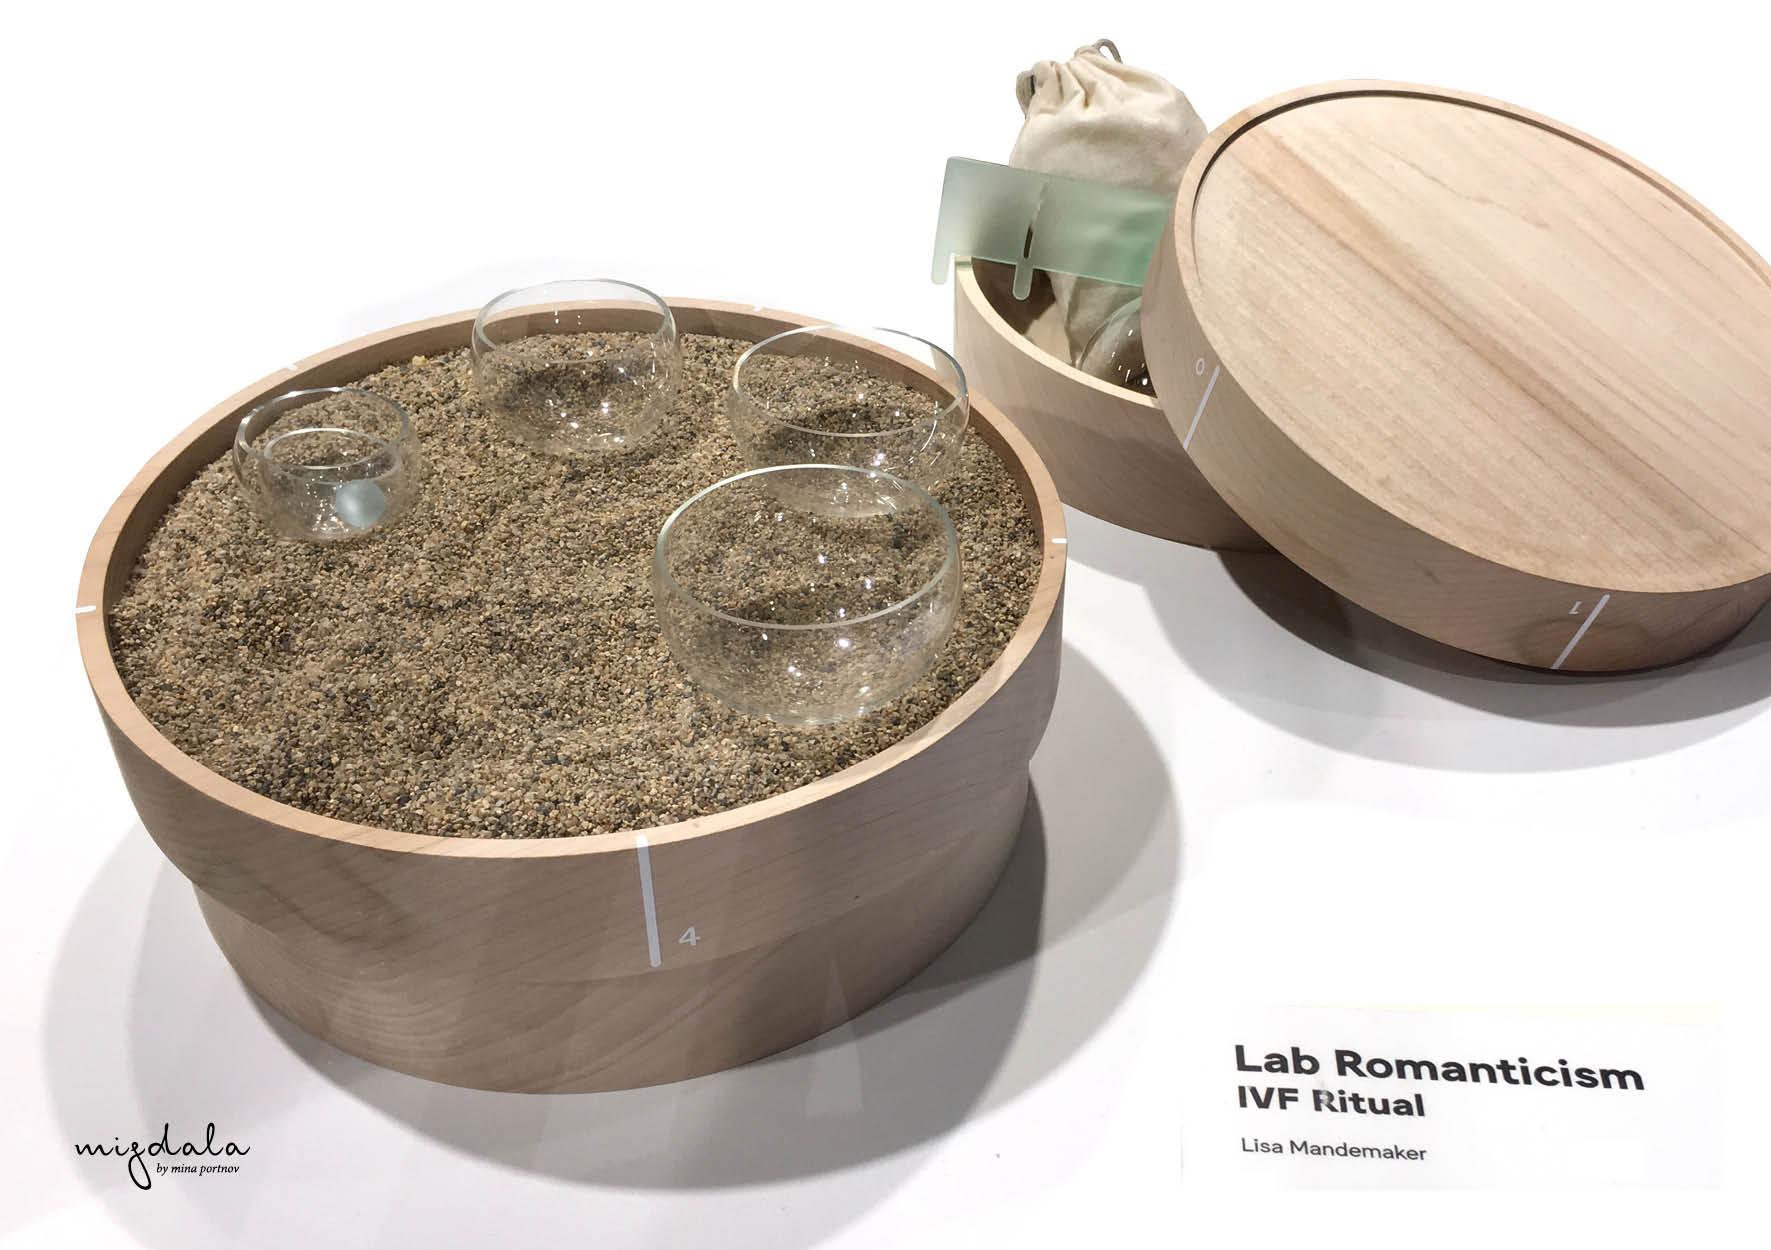 רומנטיקה במעבדהLab Romanticism - IVF Ritual/ Lisa Mandemaker